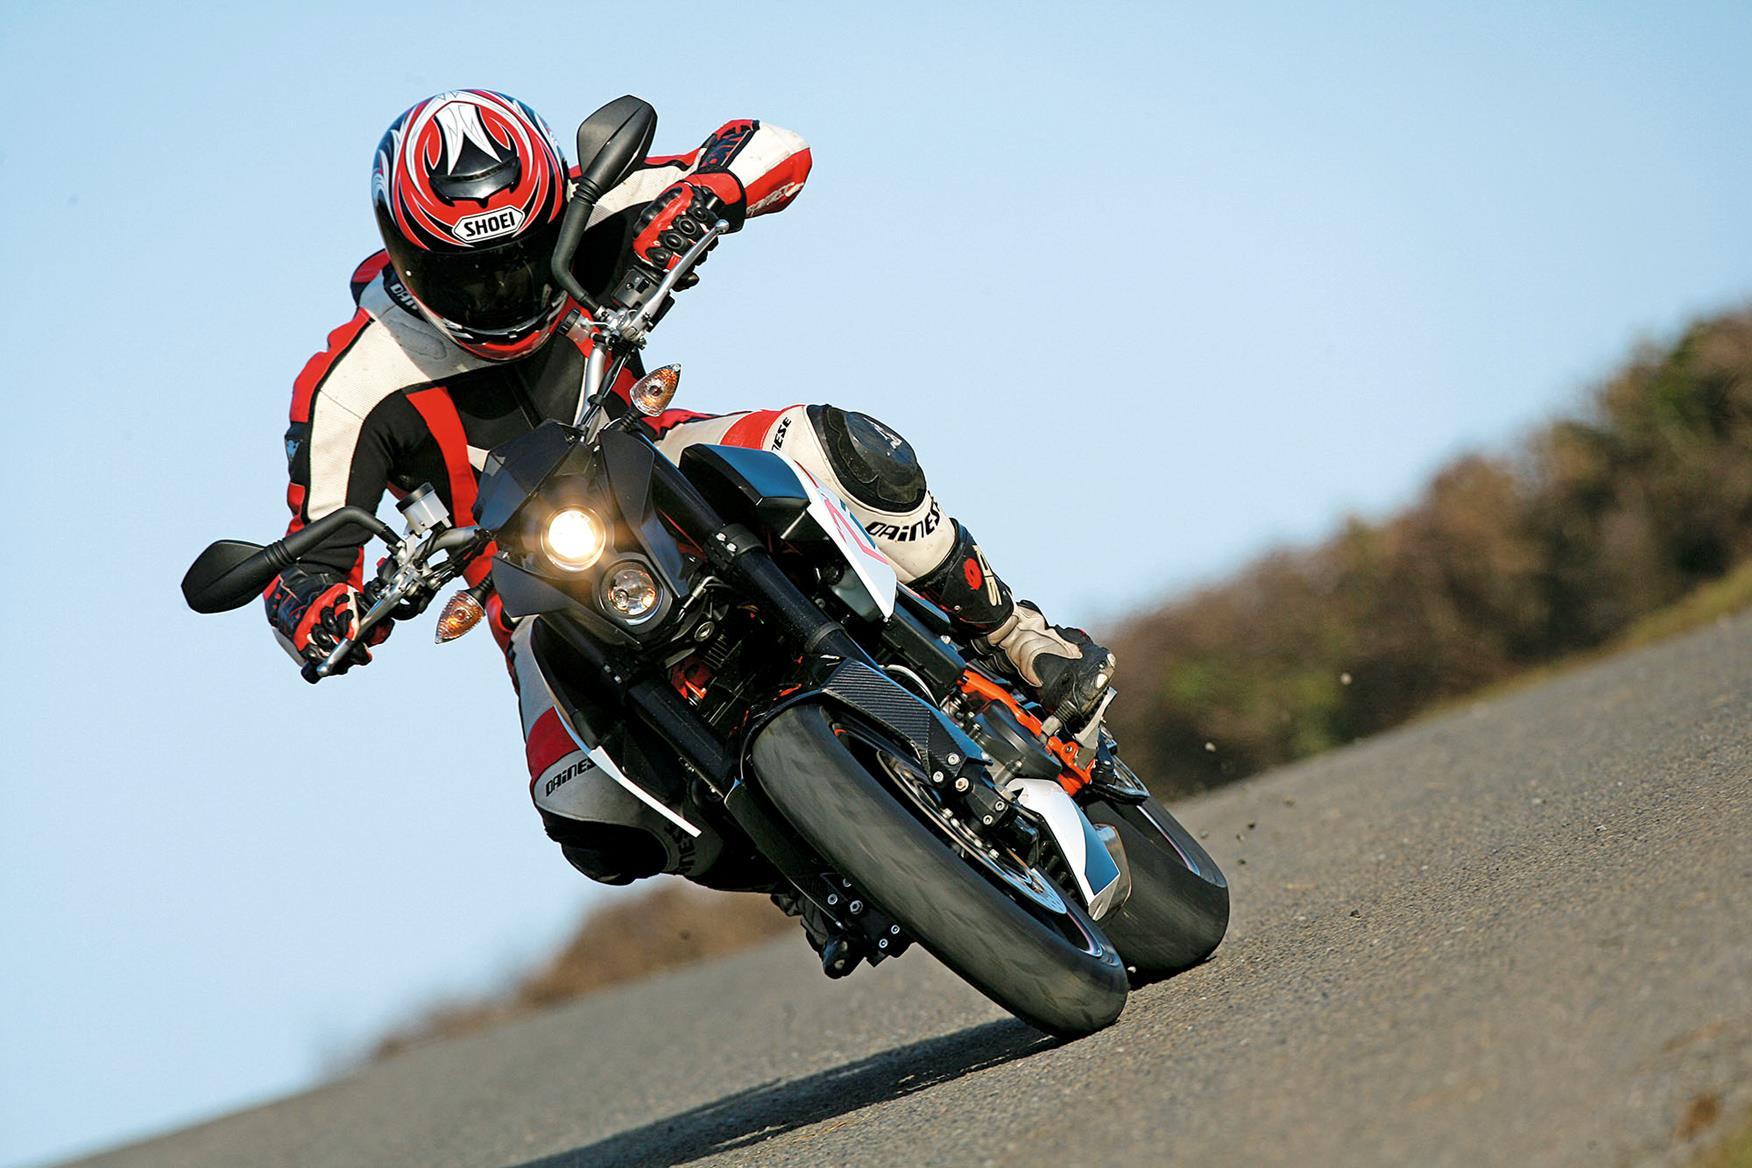 KTM 690 Duke R 2010